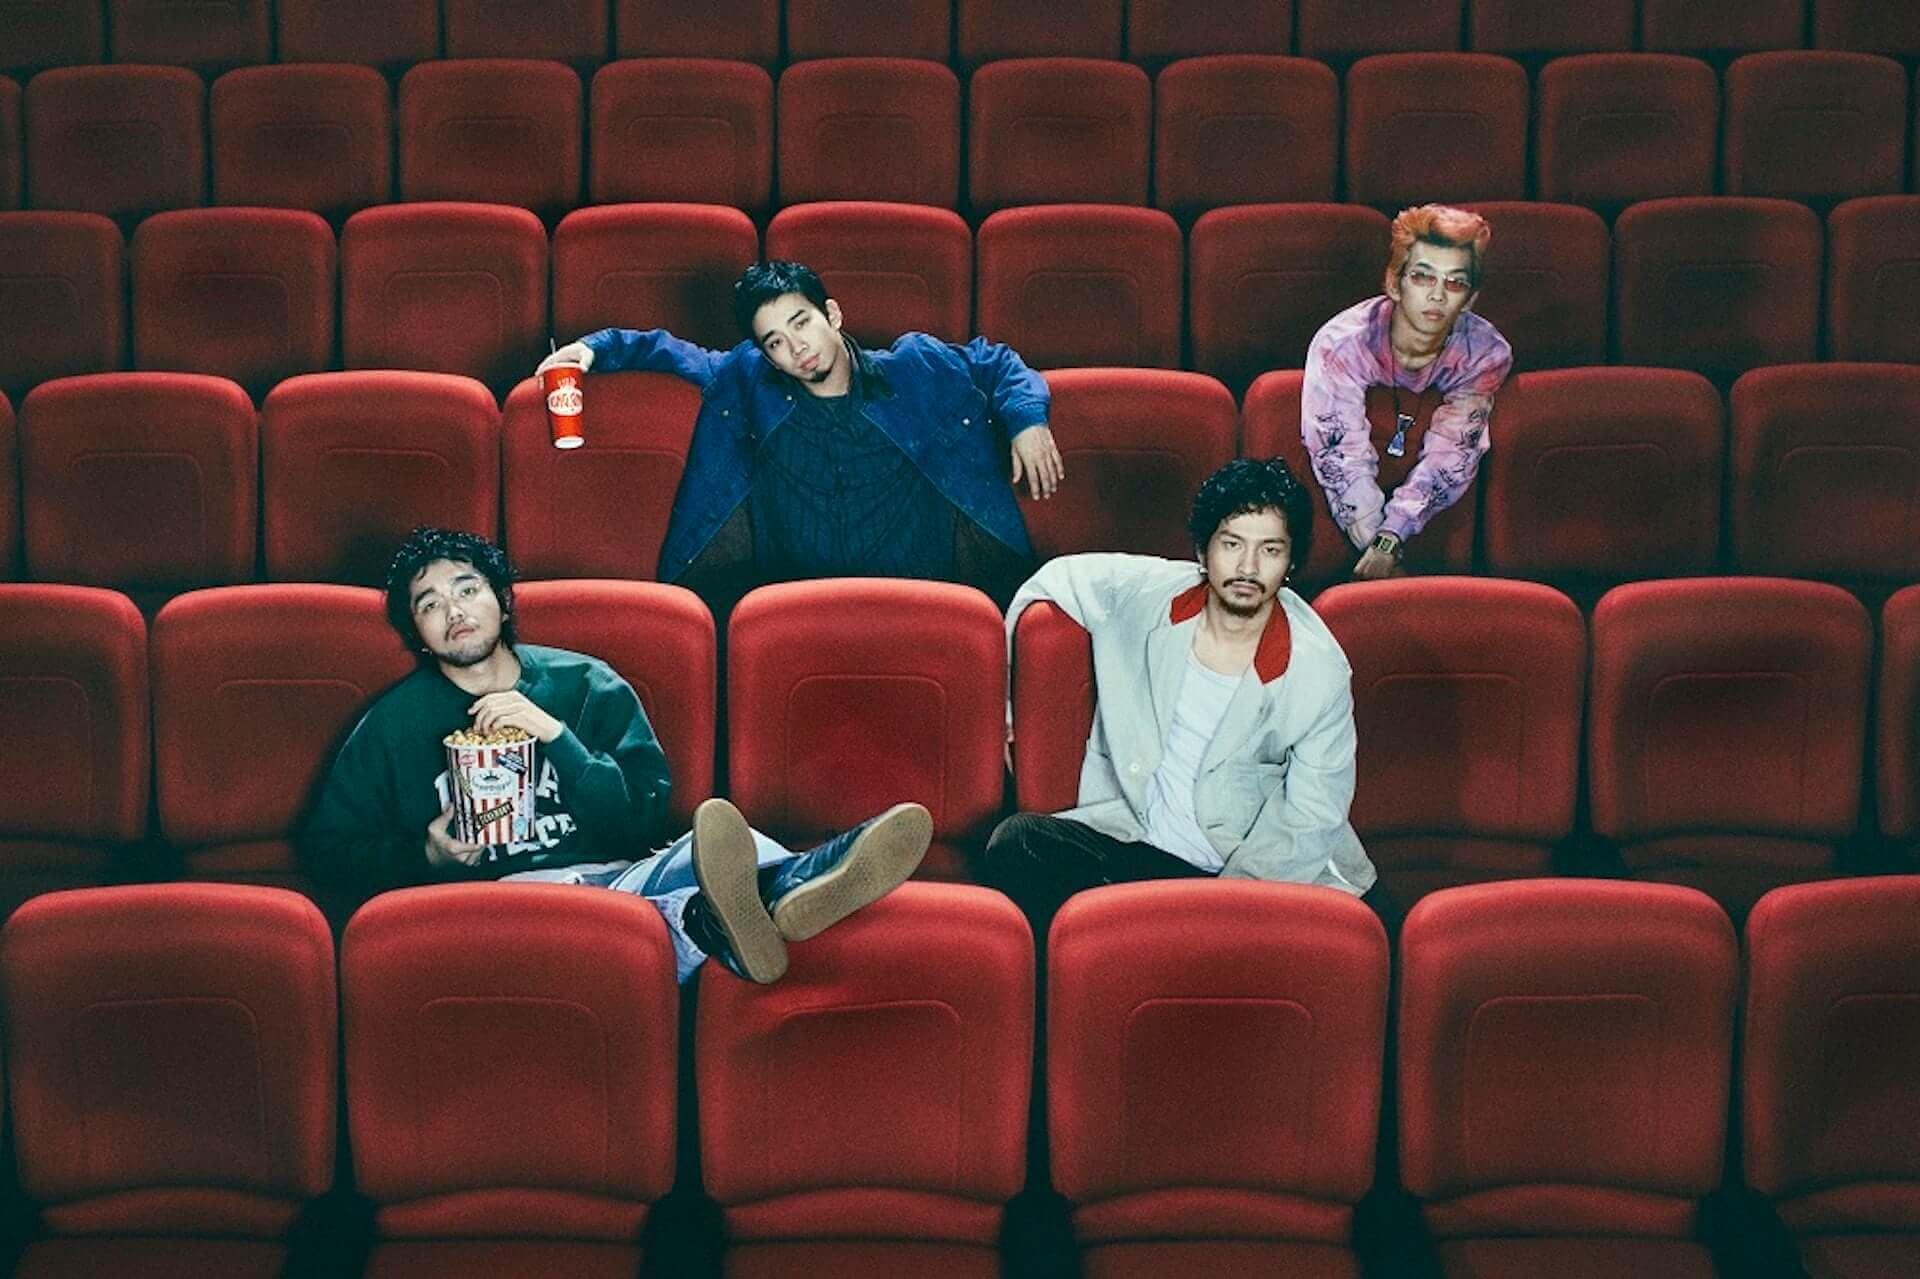 King Gnu『CEREMONY』収録の「どろん」MVを明日プレミア公開!劇場版『スマホを落としただけなのに』主題歌 music200213_kinggnu_mv_3